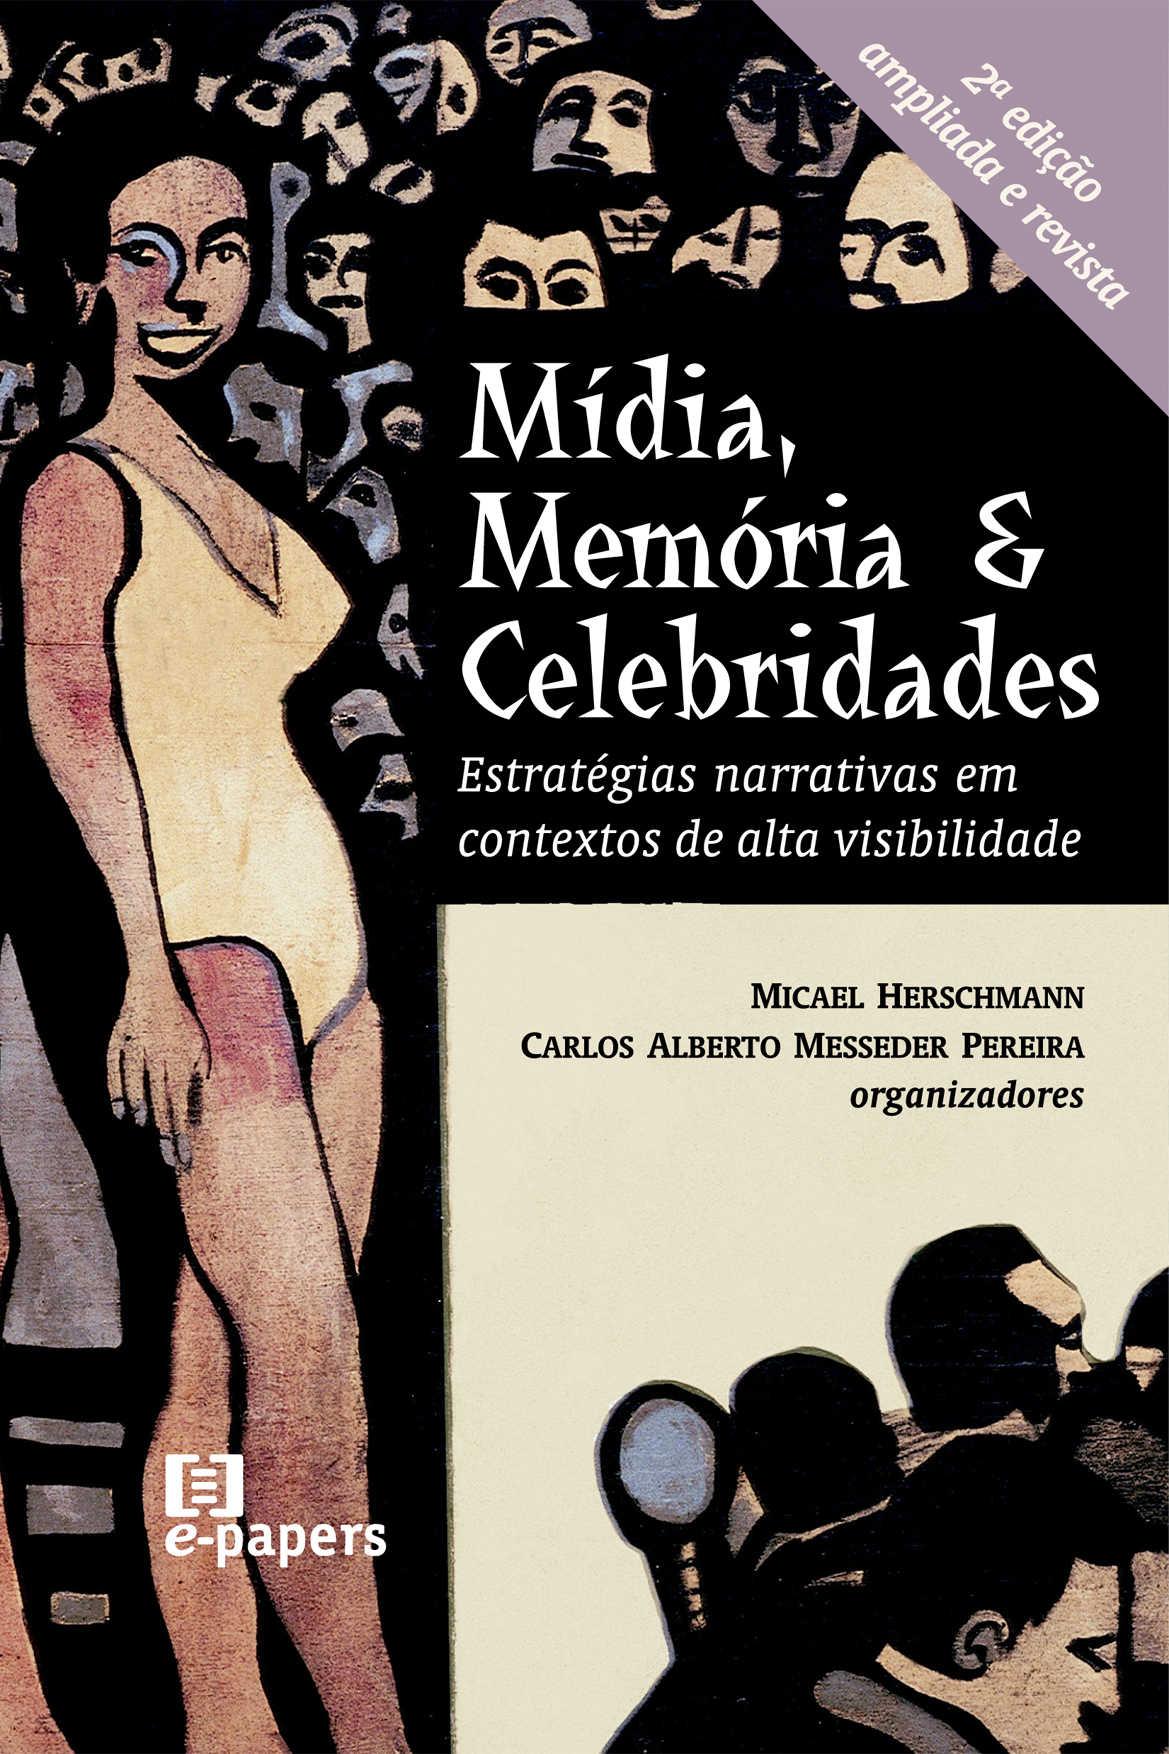 Mídia, Memória e Celebridades - 2a edição: Estratégias narrativas em contextos de alta visibilidade